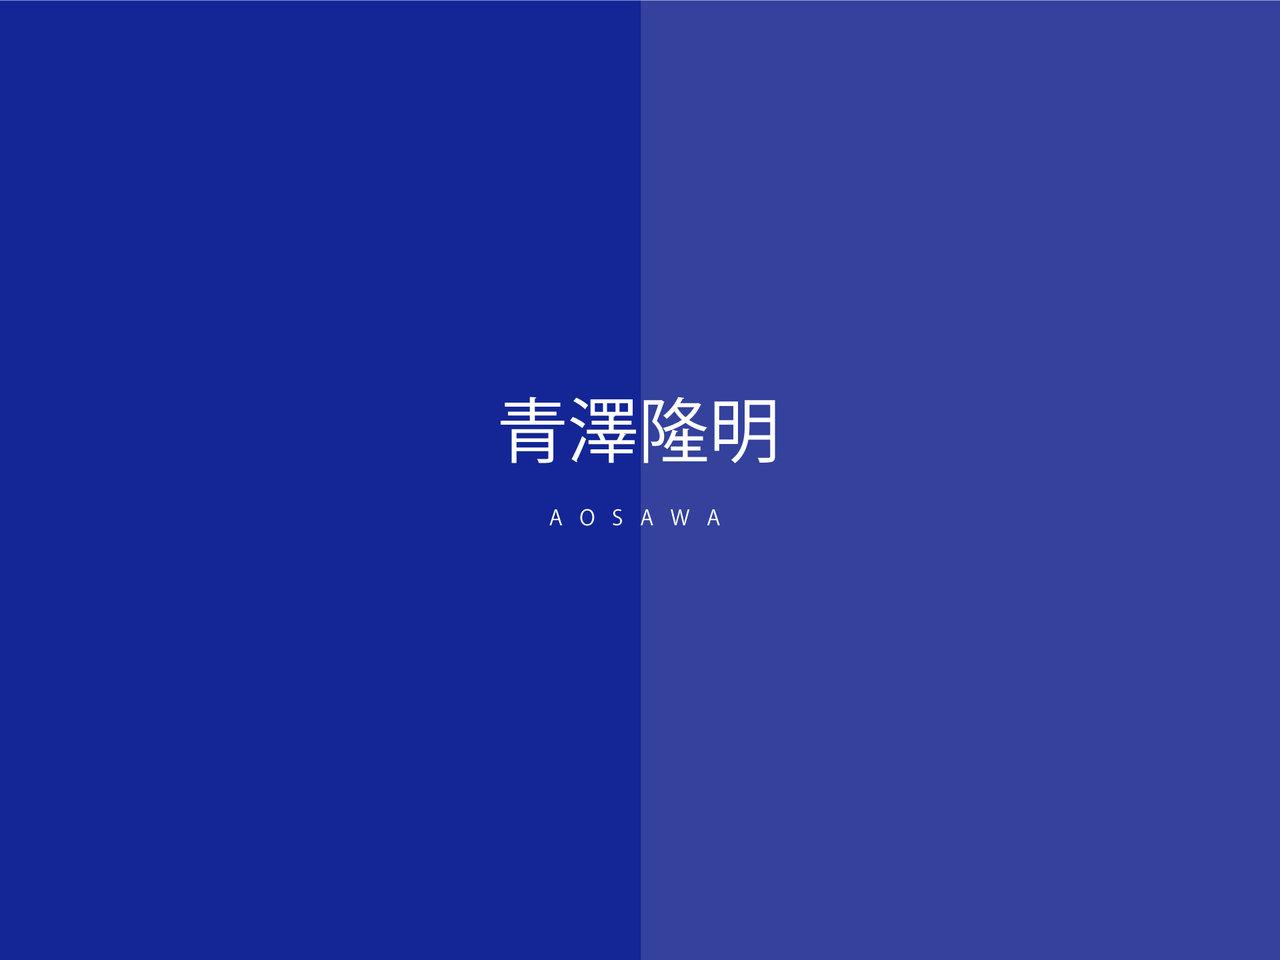 テンポと実感 -柳家小三治自伝「どこからお話ししましょうか」を読んで